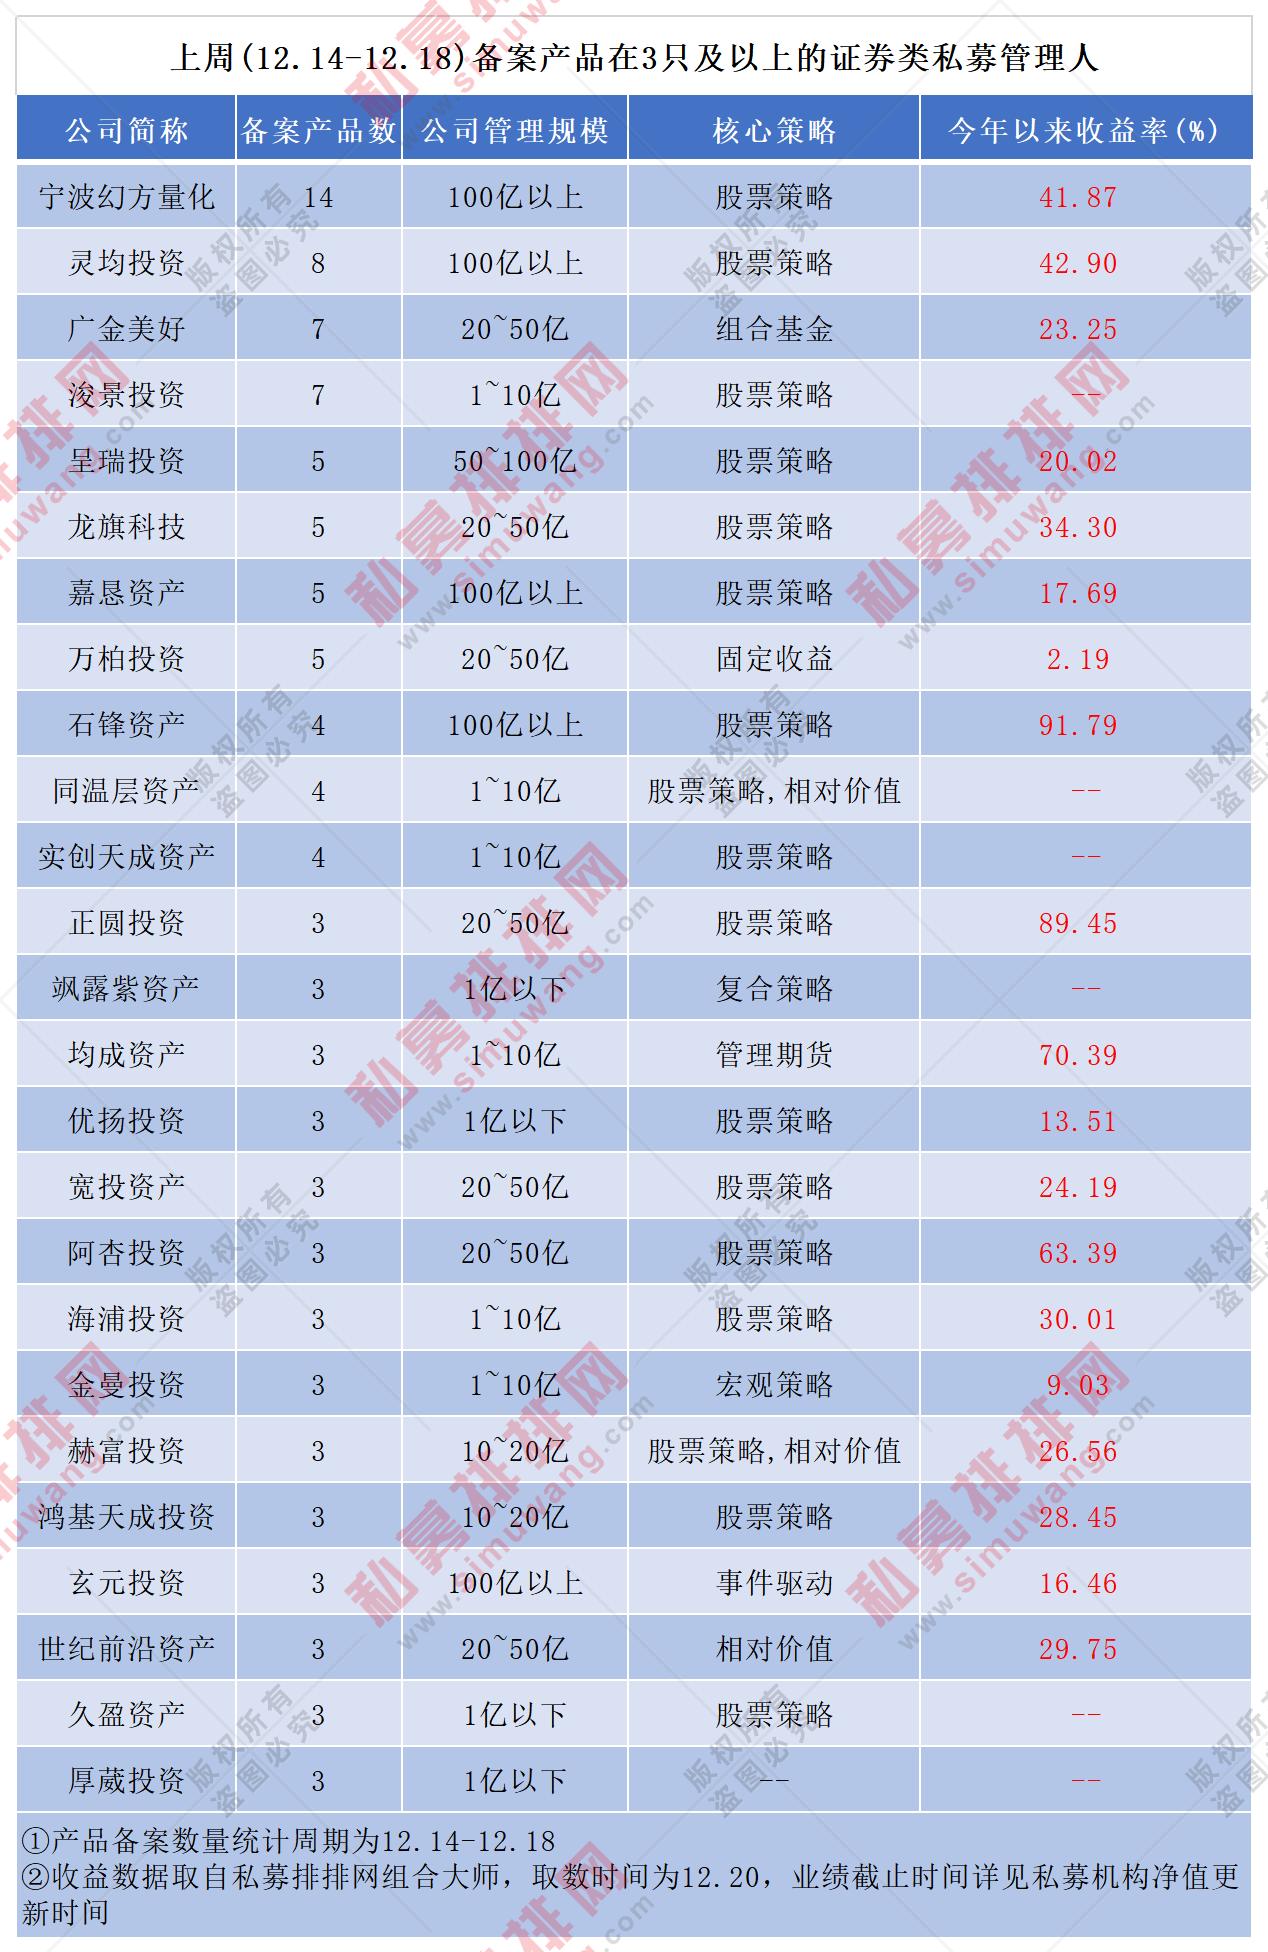 图片4 官网.png